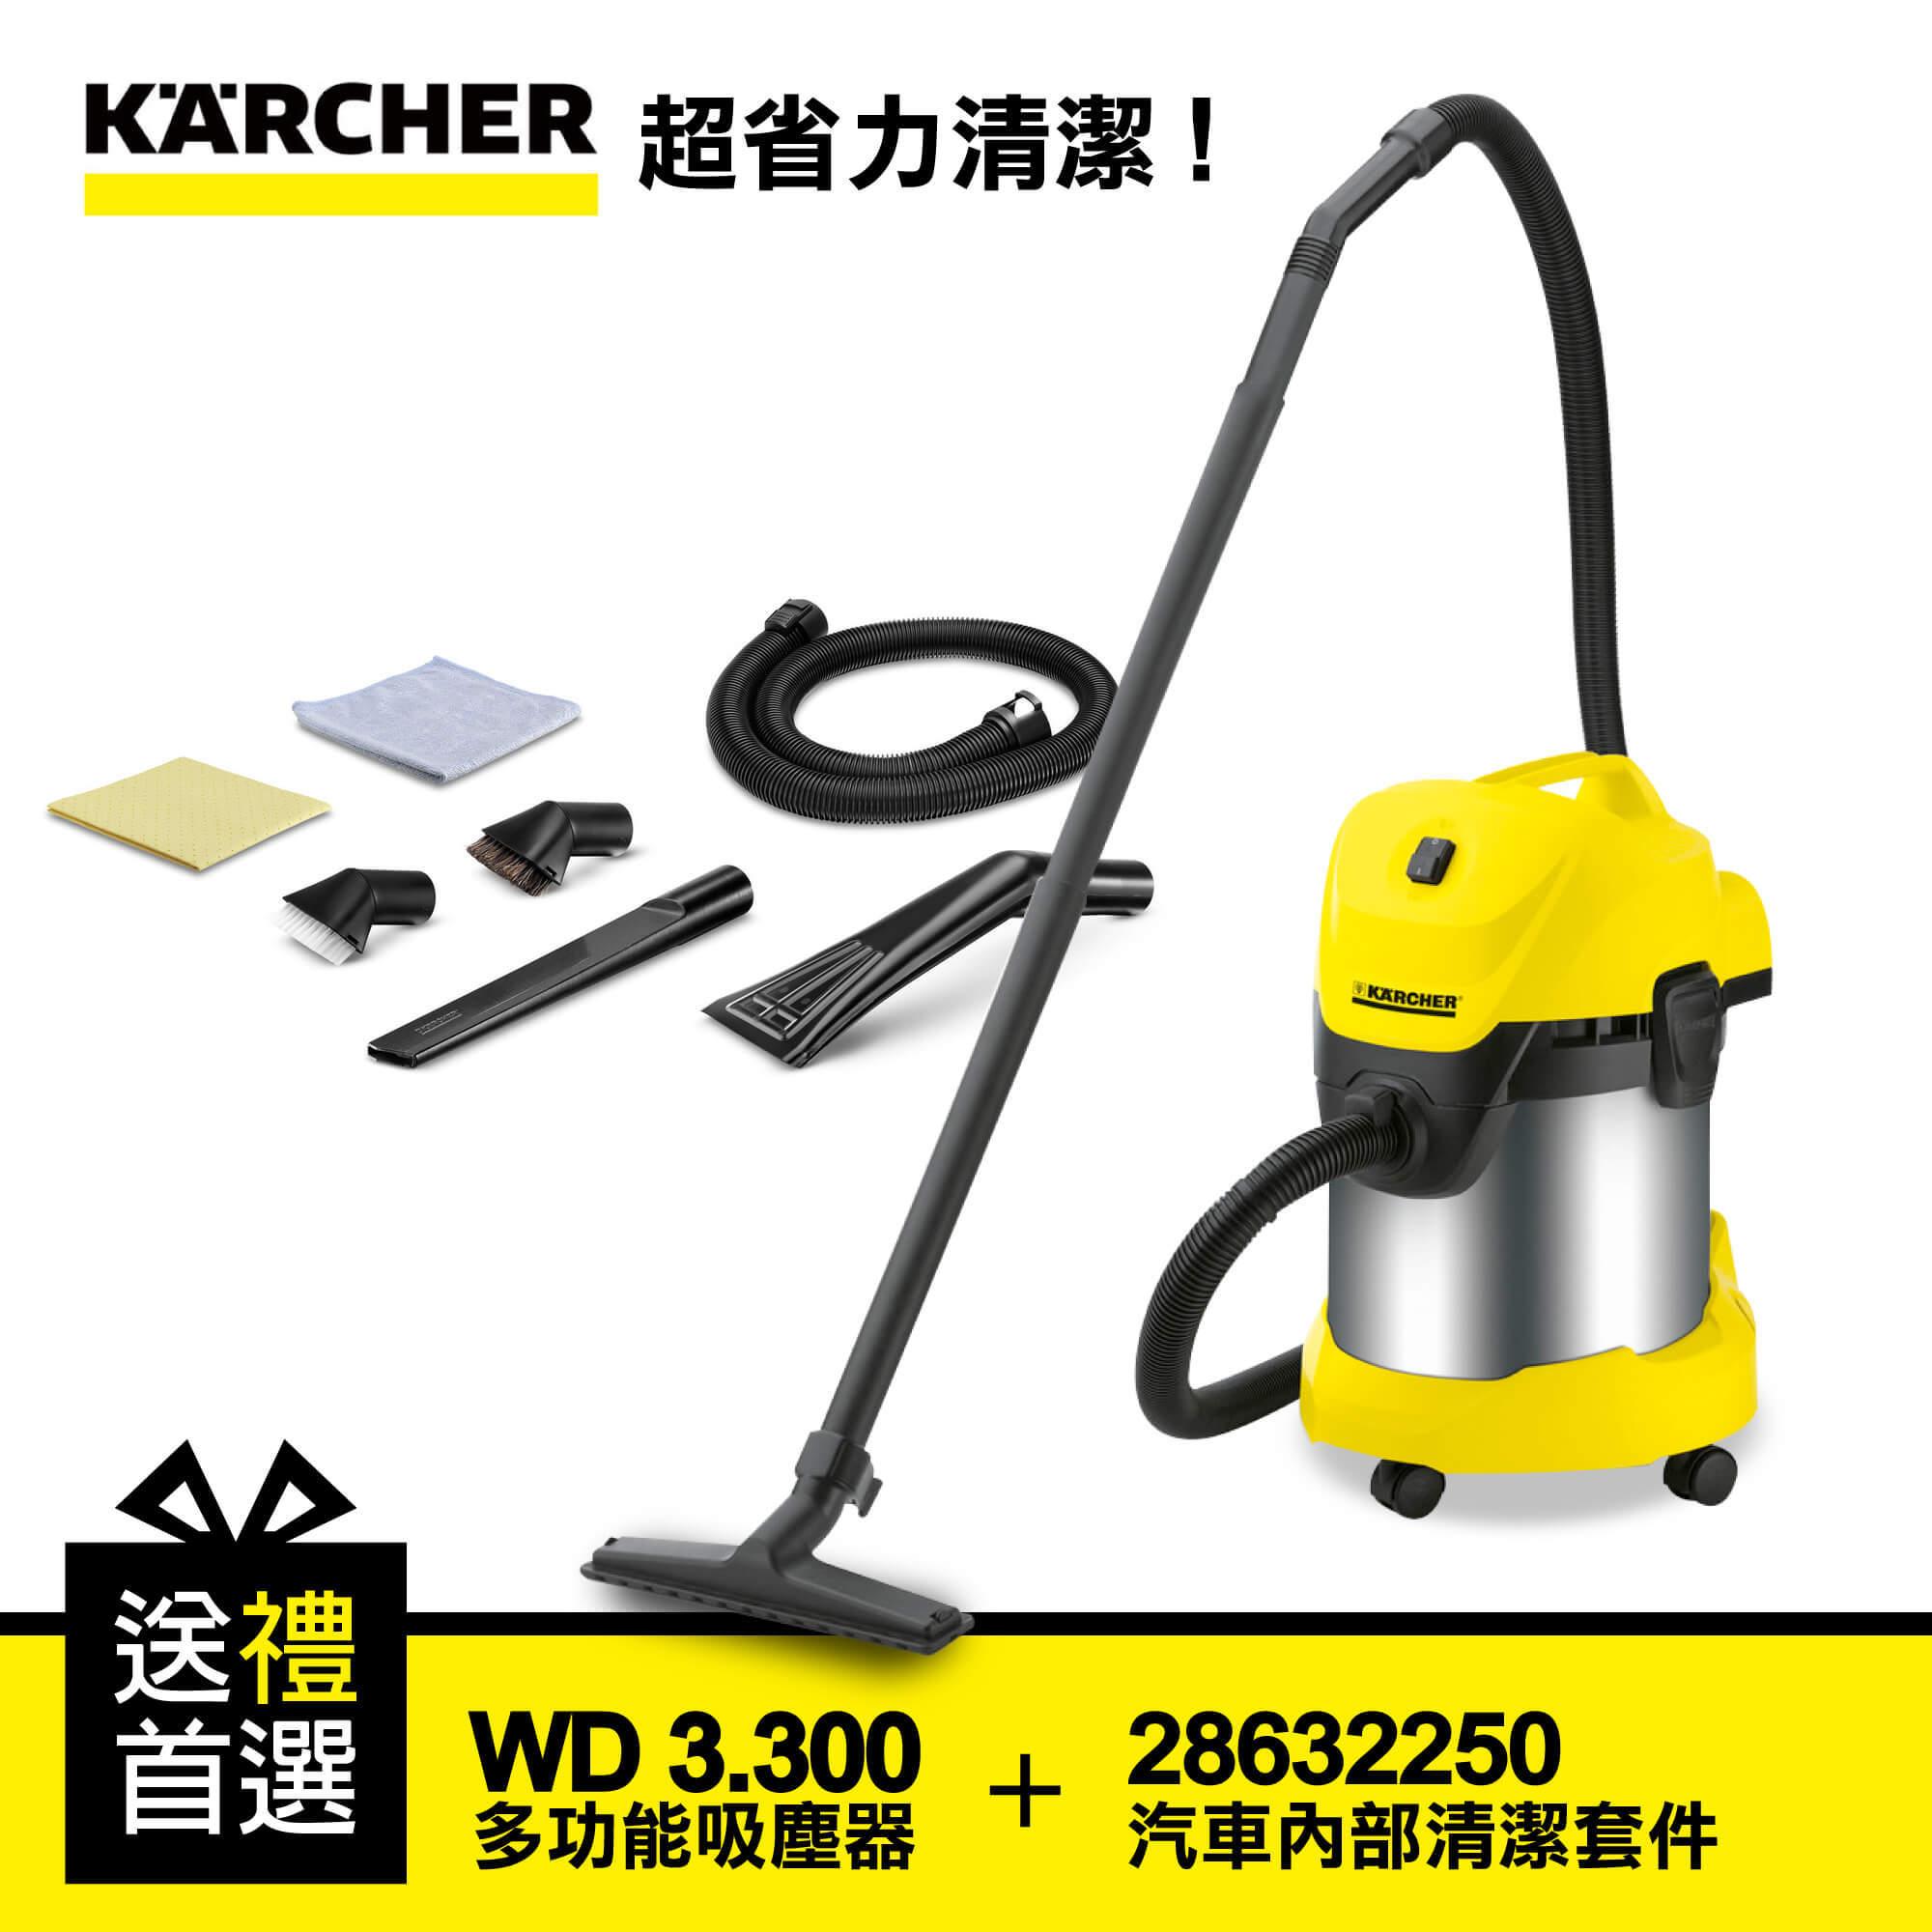 多功能乾濕兩用吸塵器 WD 3.300|汽車內部清潔套件組合-義大利製造